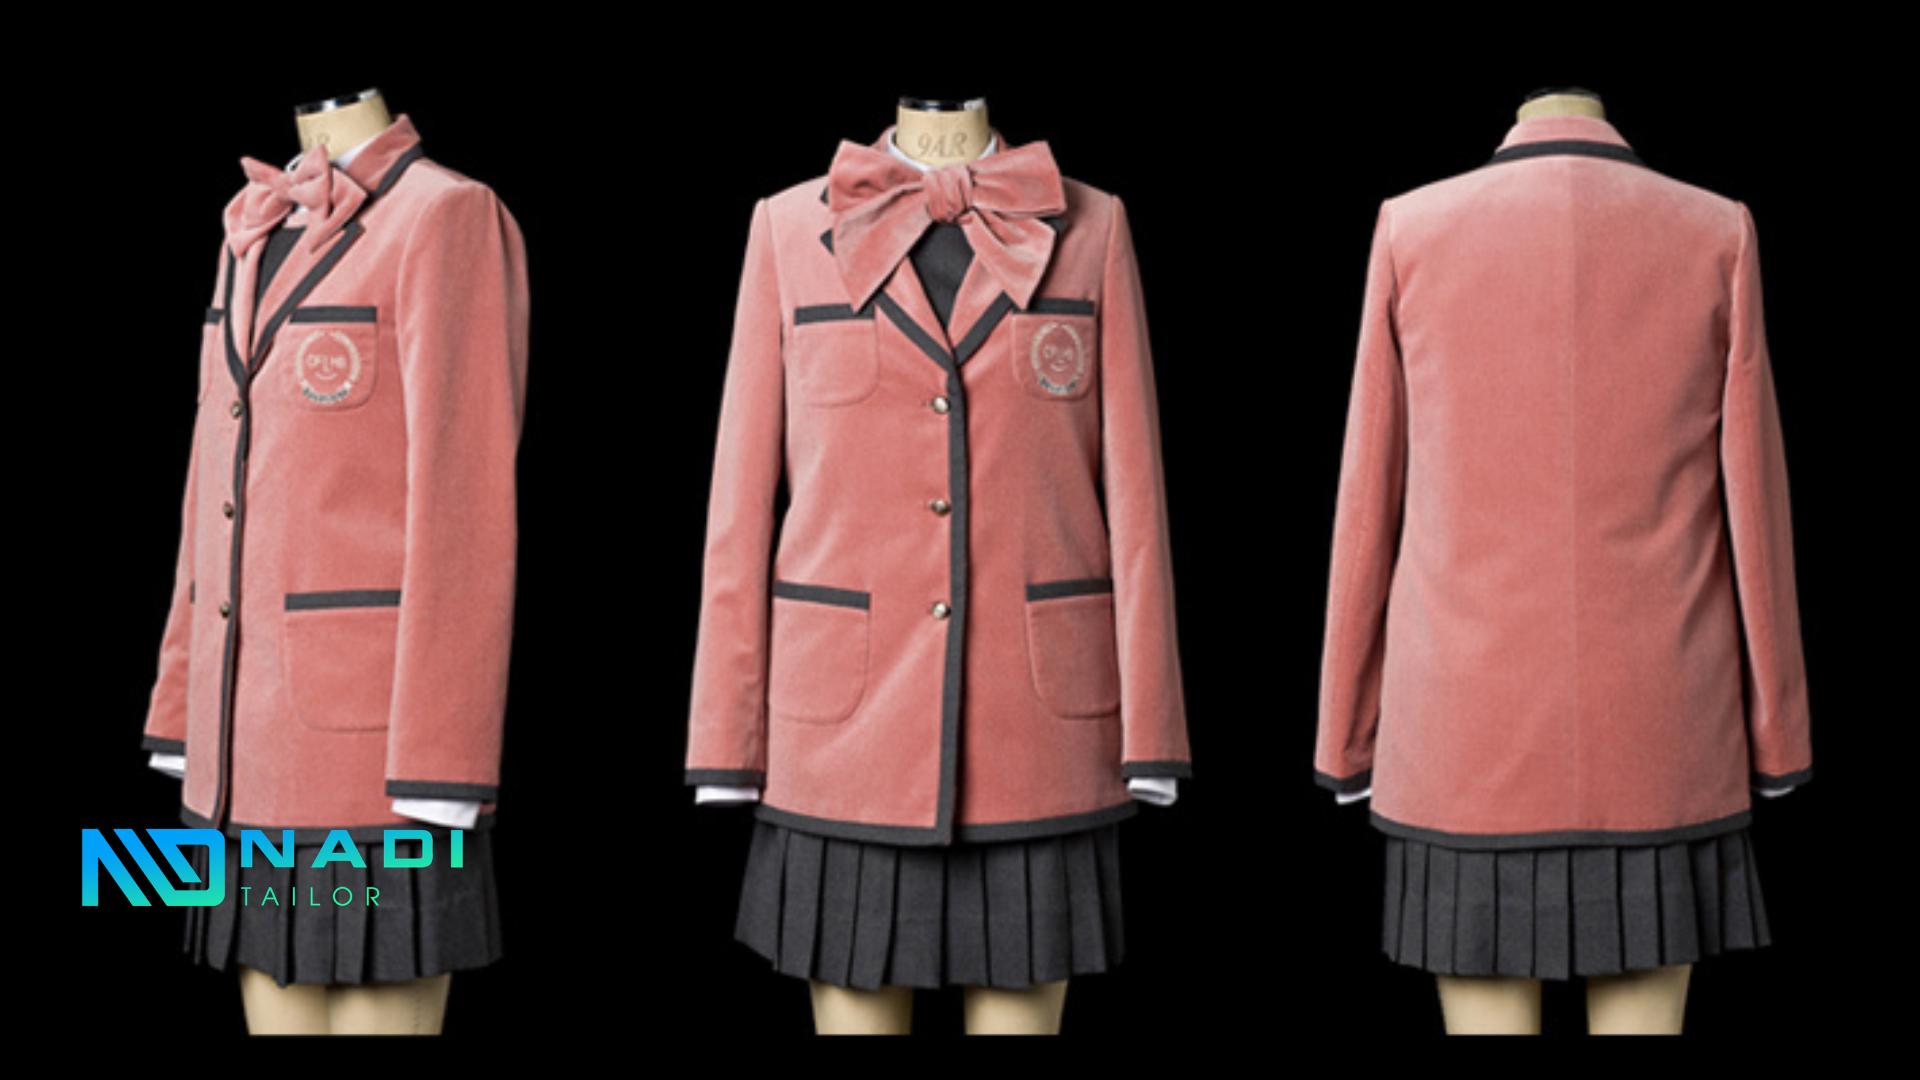 Hàn Quốc là một trong những quốc gia Châu Á. Sở hữu những mẫu đồng phục vô cùng đắt đỏ và đẹp mắt.